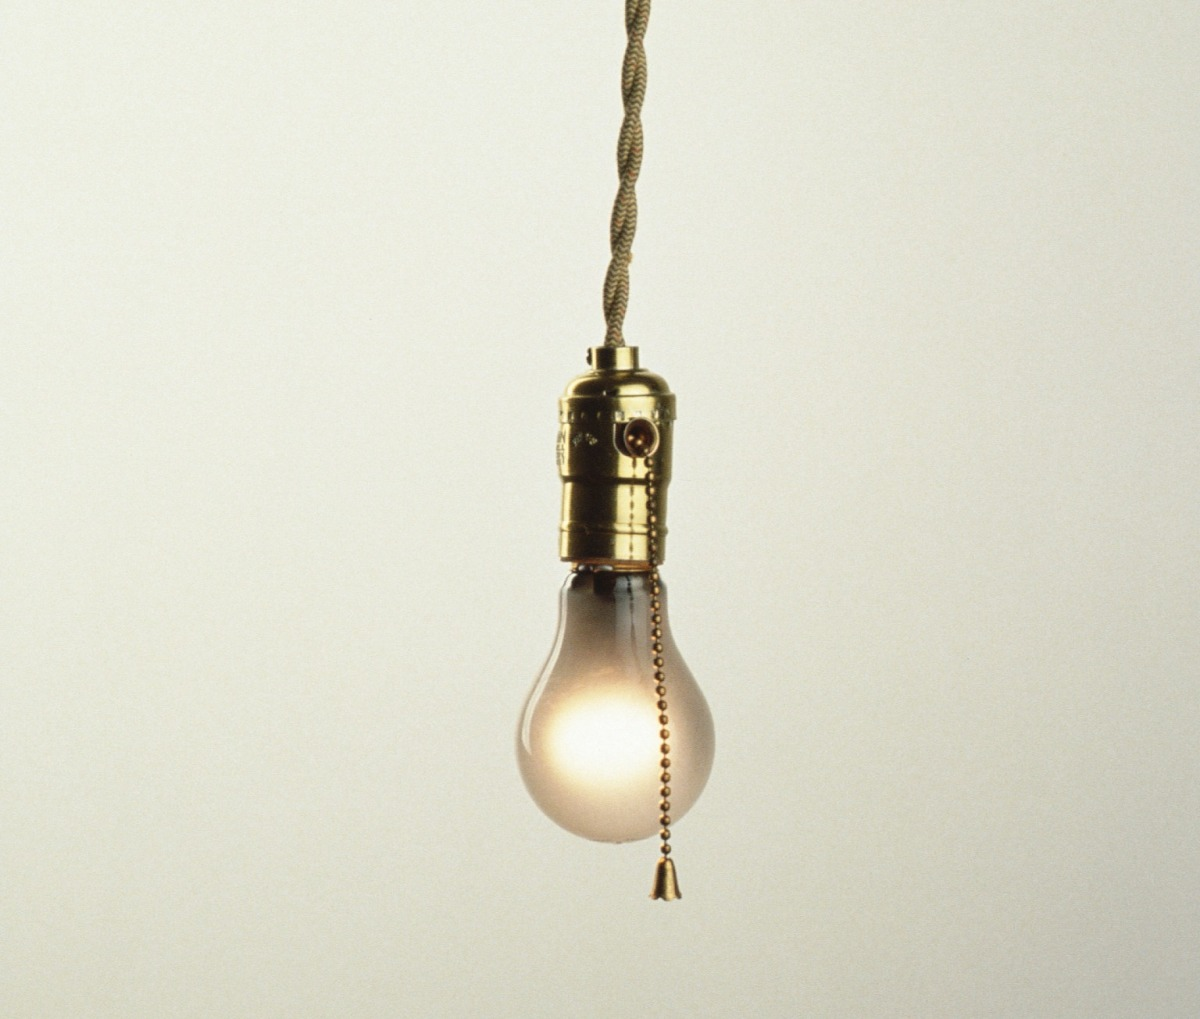 Elektrik Dağıtım Şirketlerinin Tüketicilerden AldığıBedeller